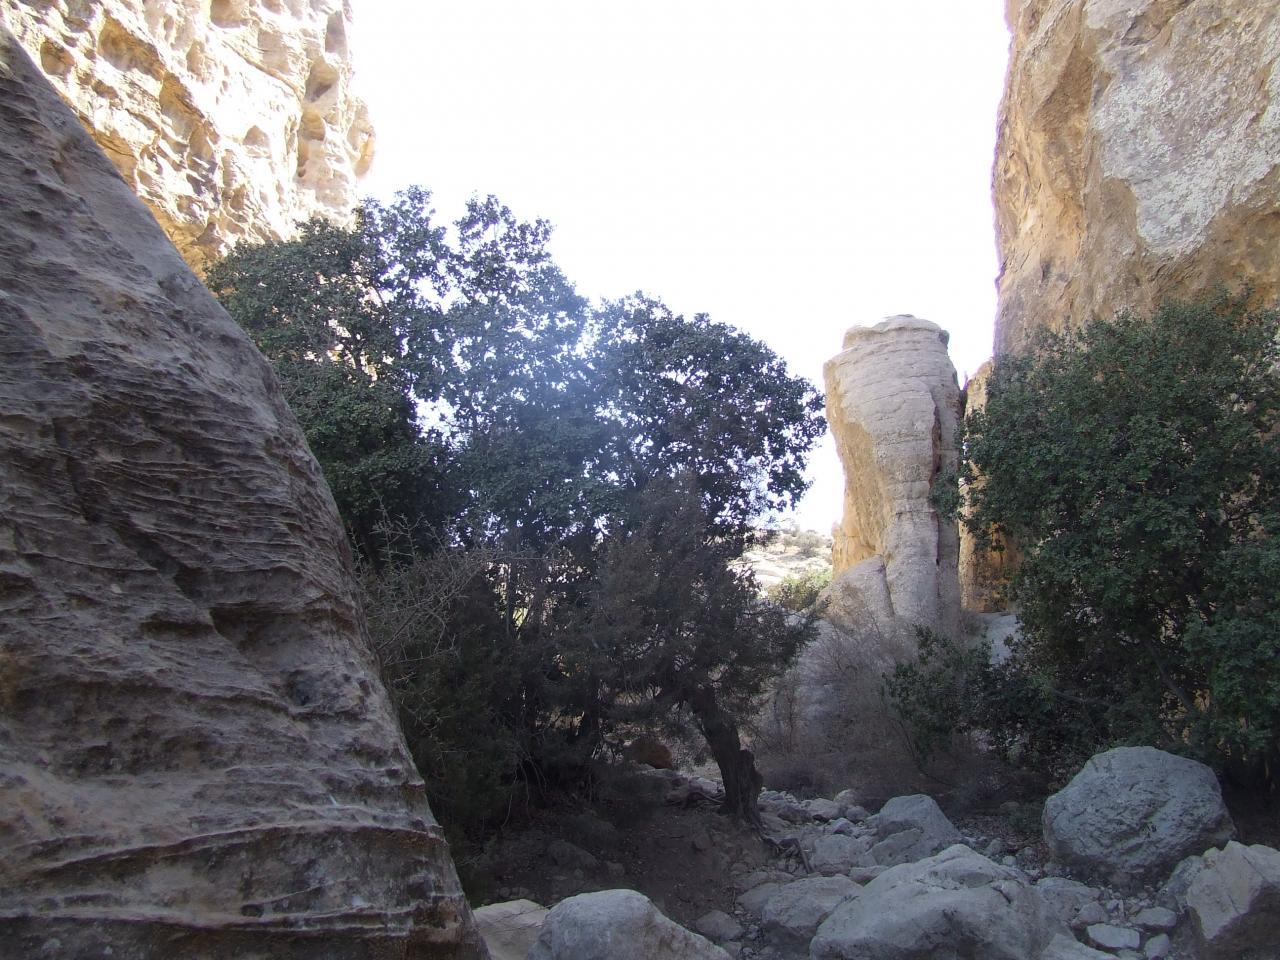 Réserve naturelle de Dana 1 (Jordanie)